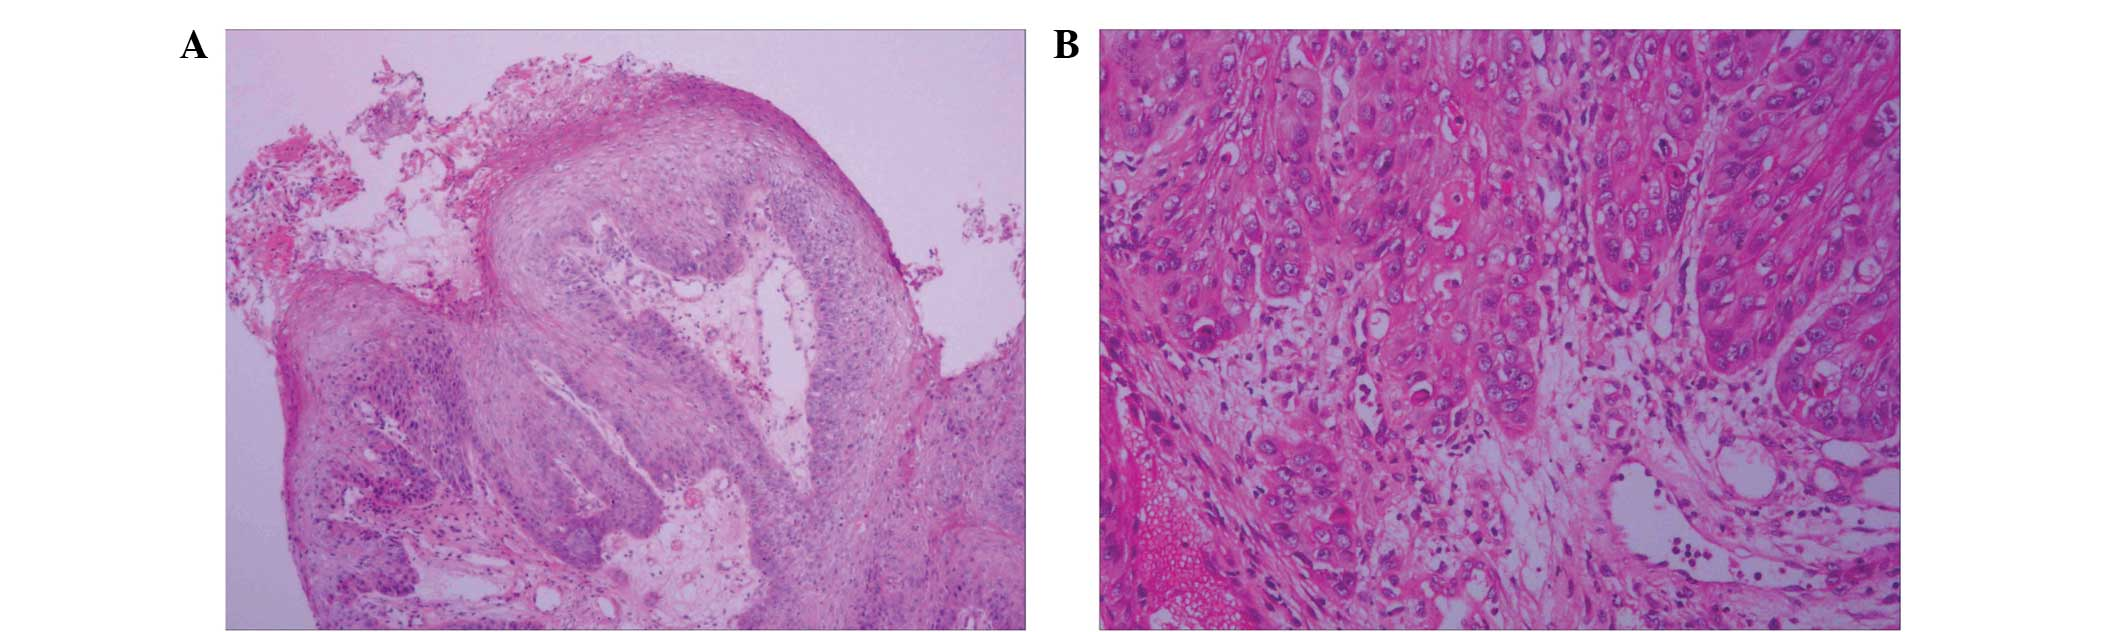 papillomas lung cancer